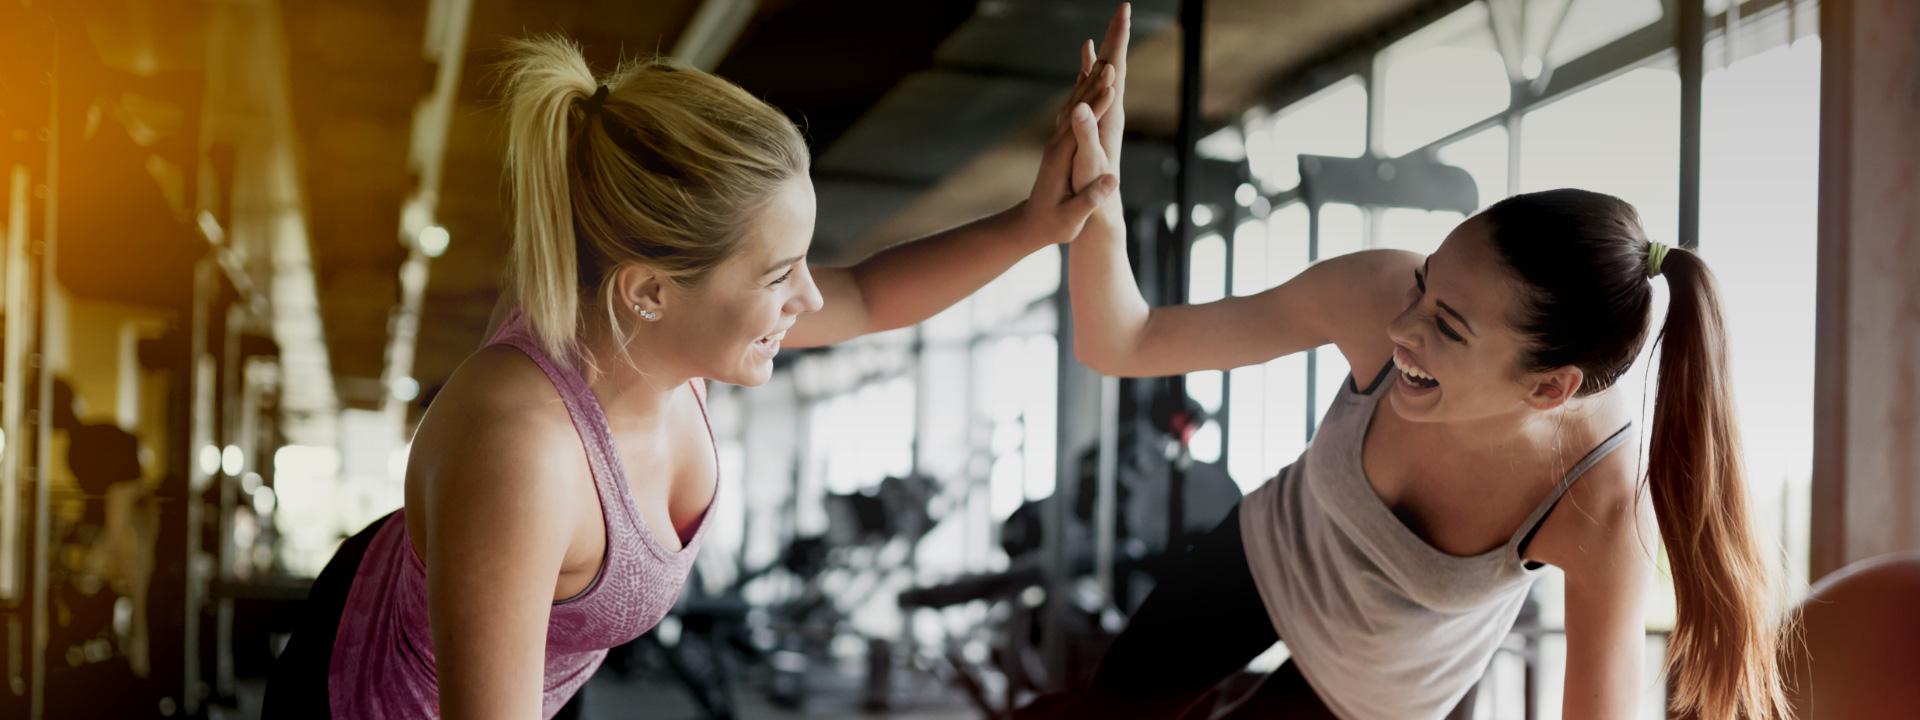 Zwei Frauen beim Training